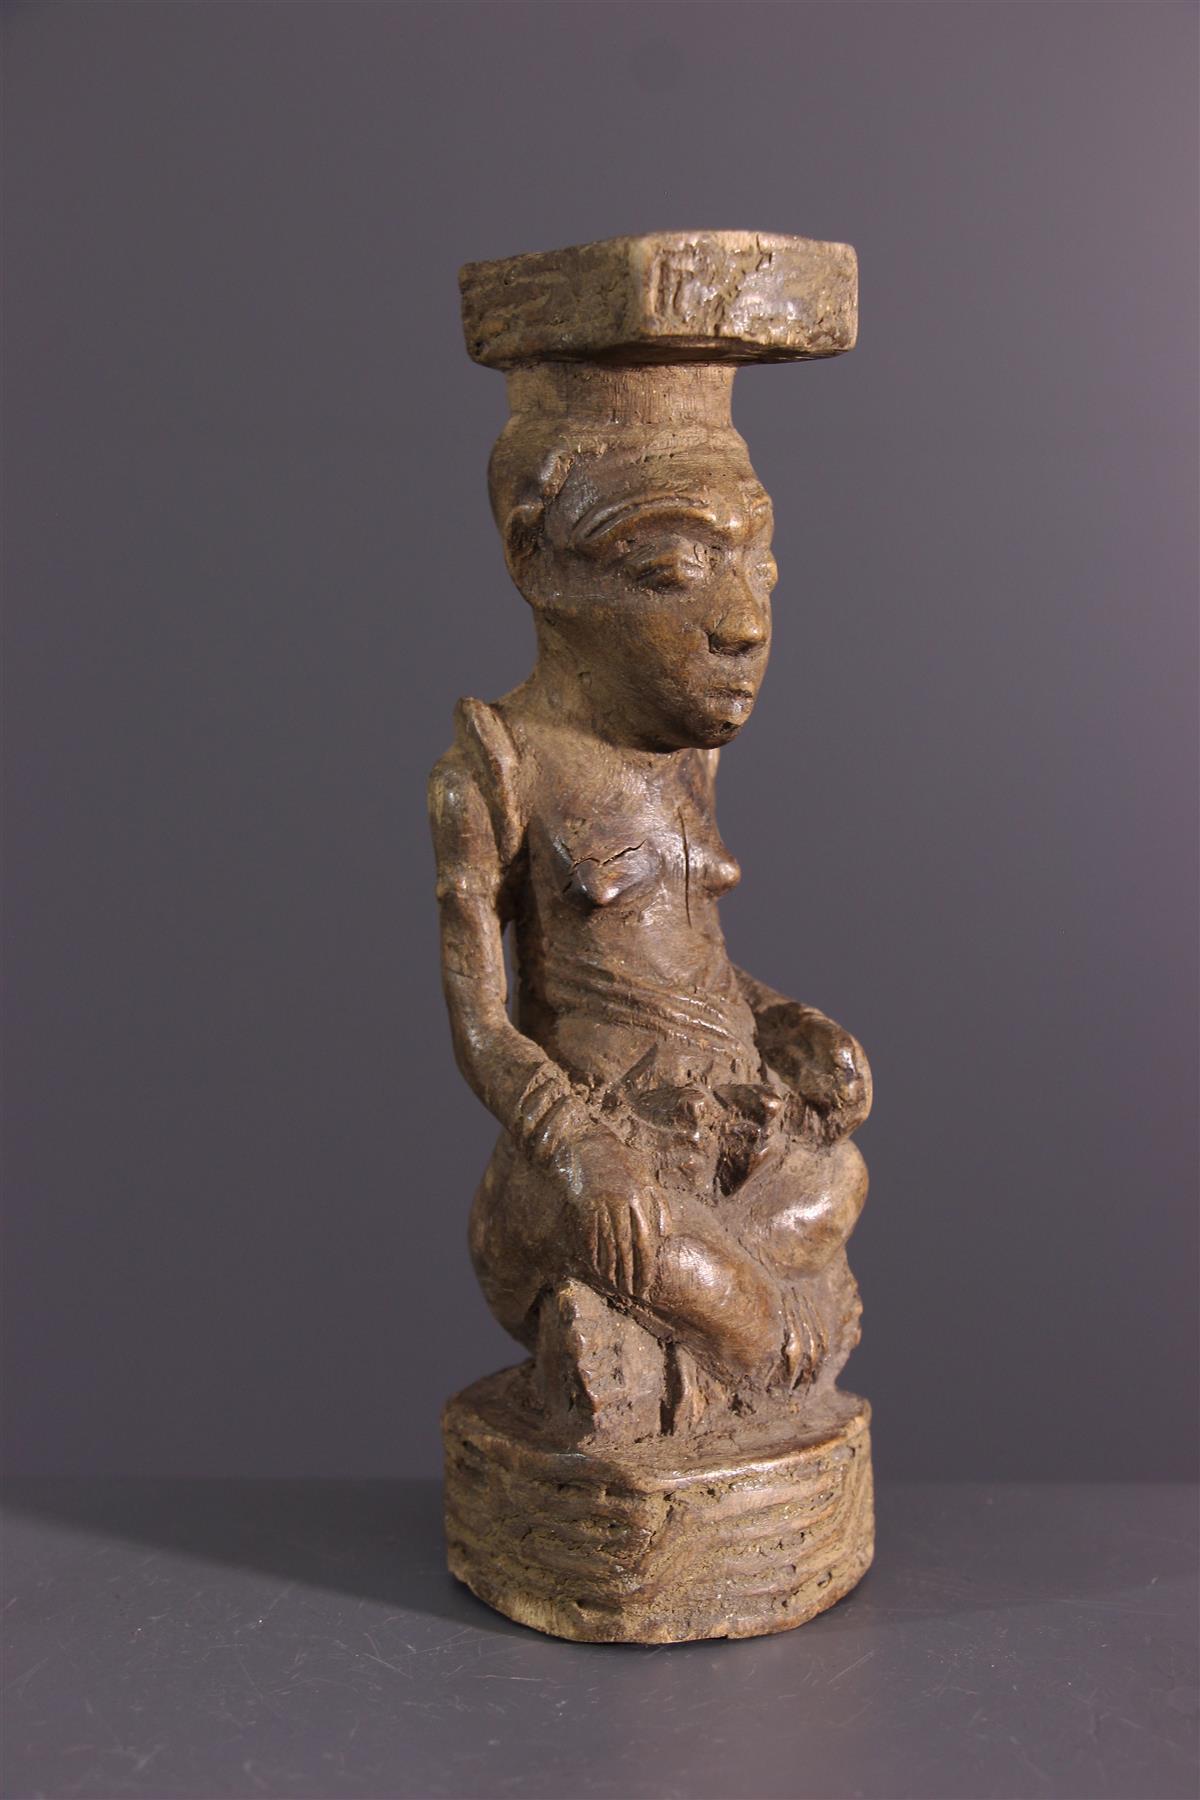 Kuba beeldje - Afrikaanse kunst